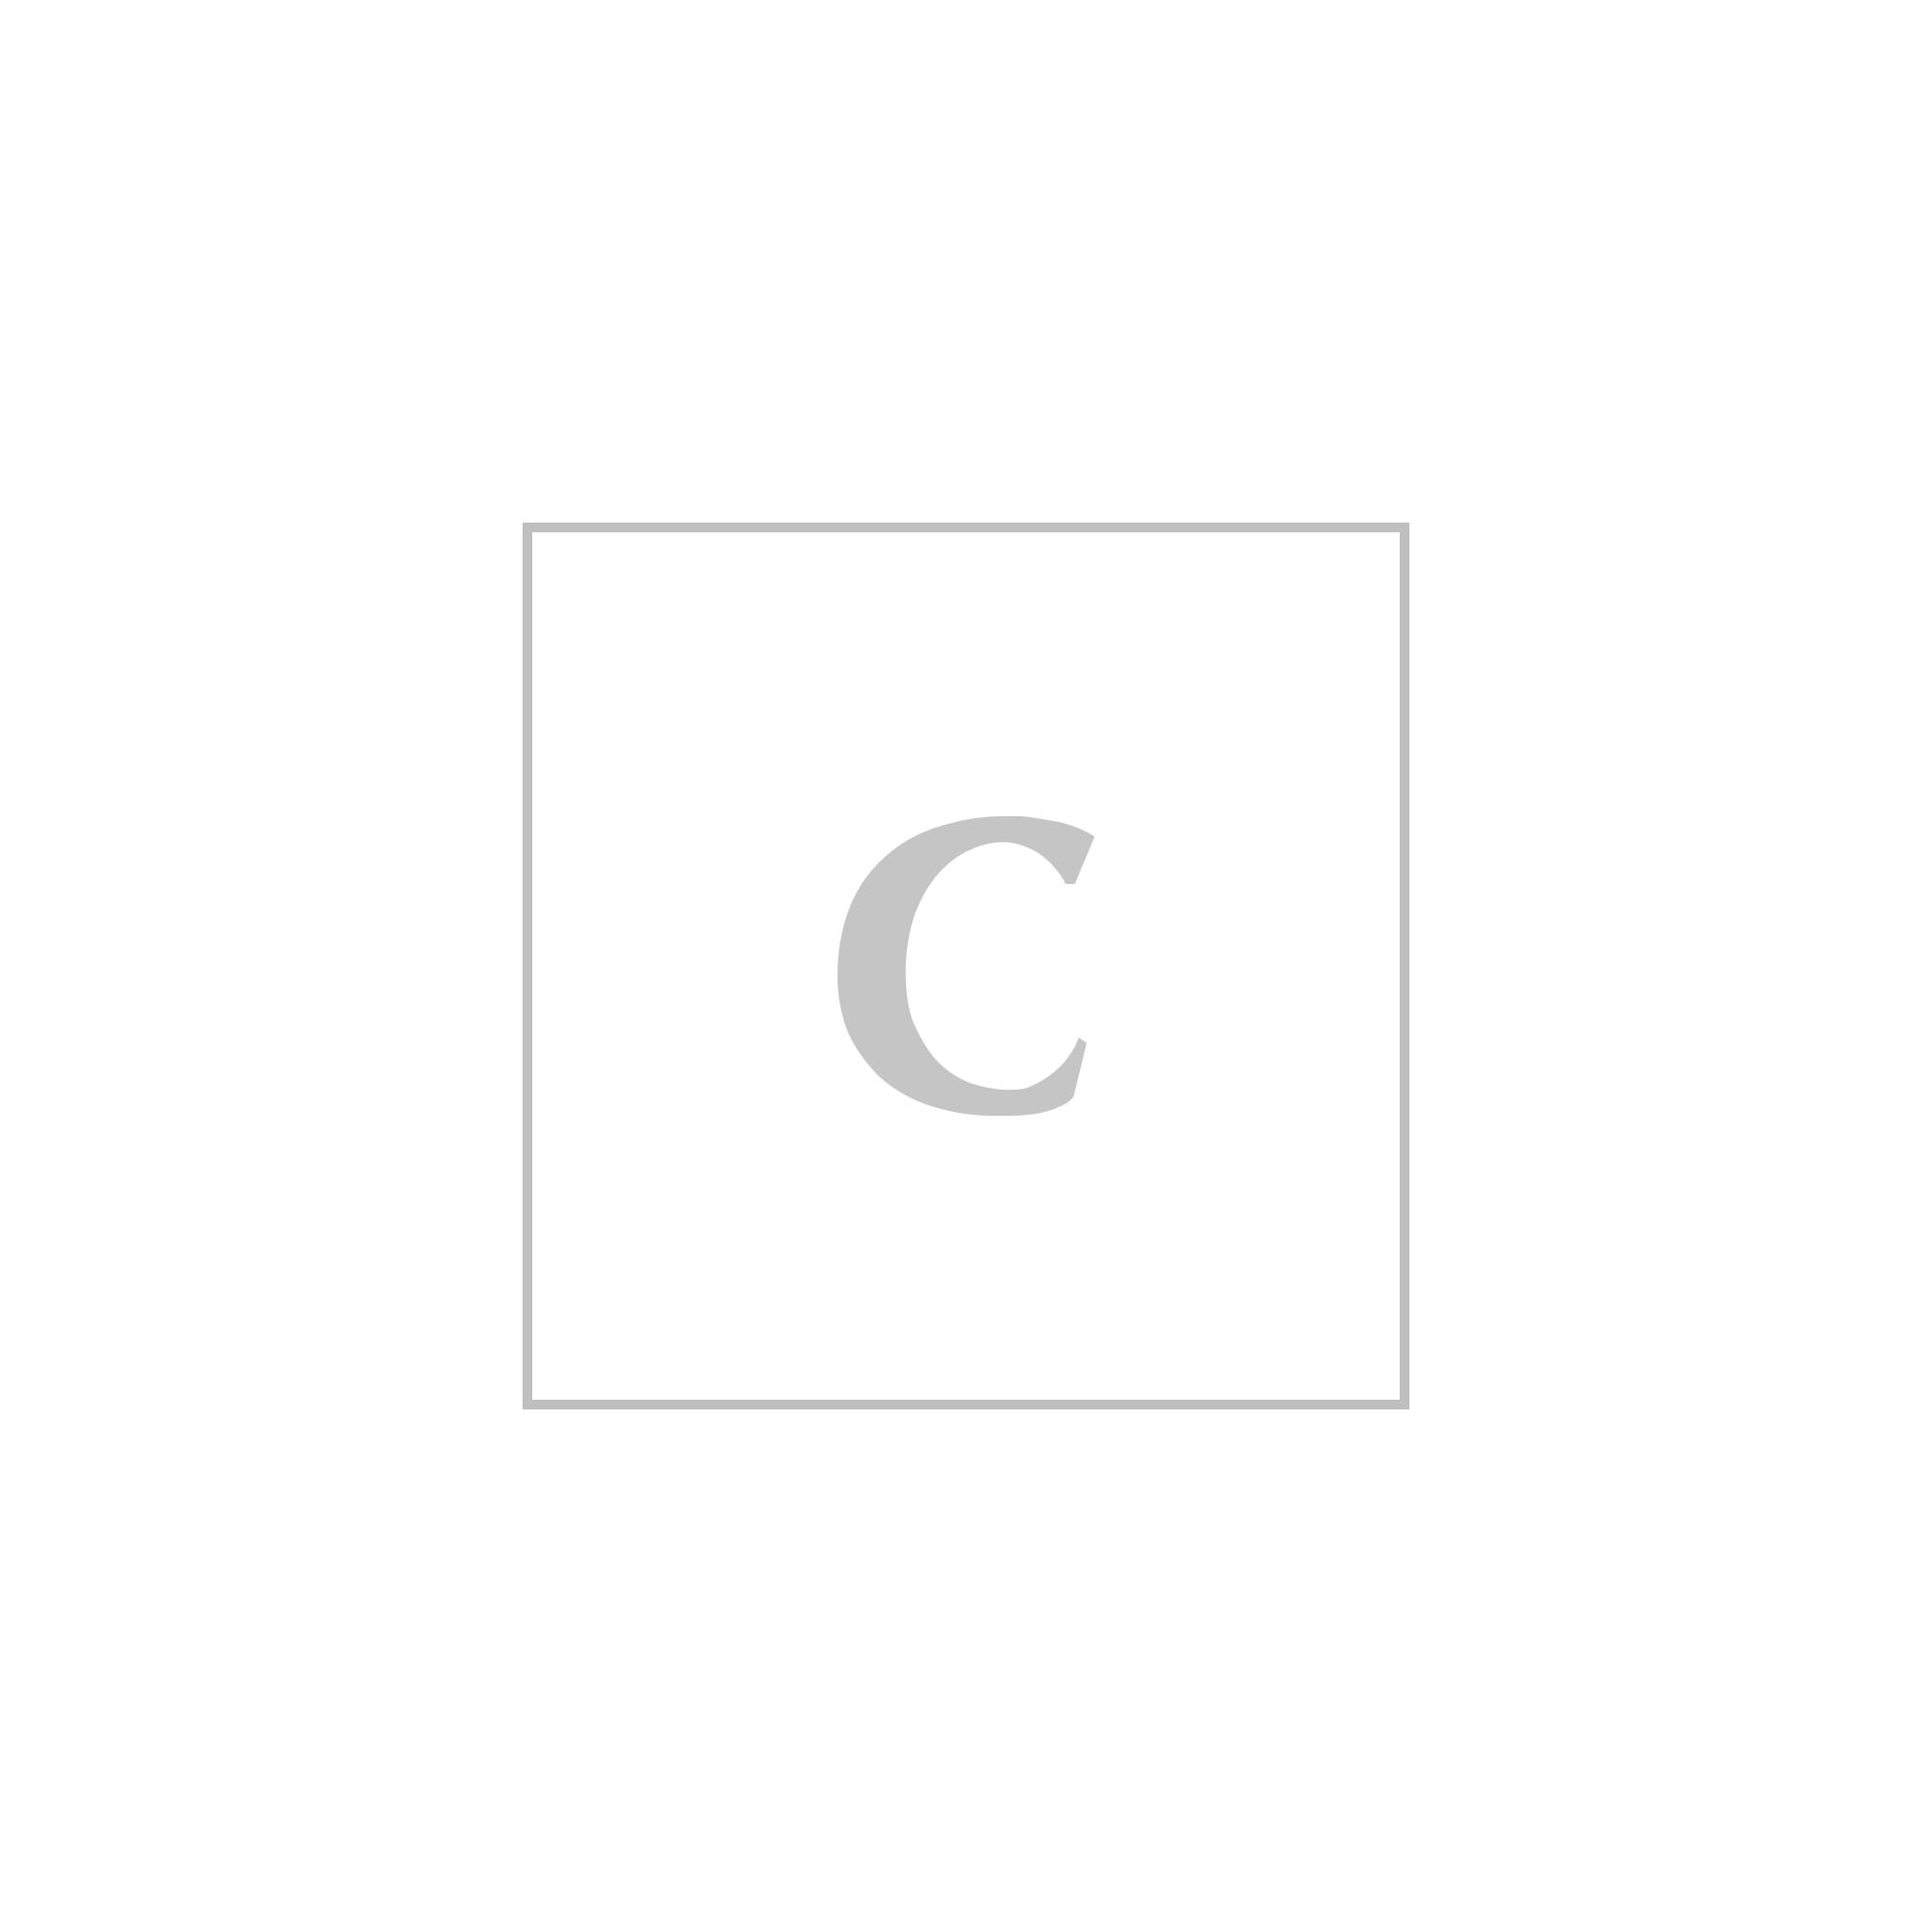 Cc collection corneliani striped cotton bermuda shorts